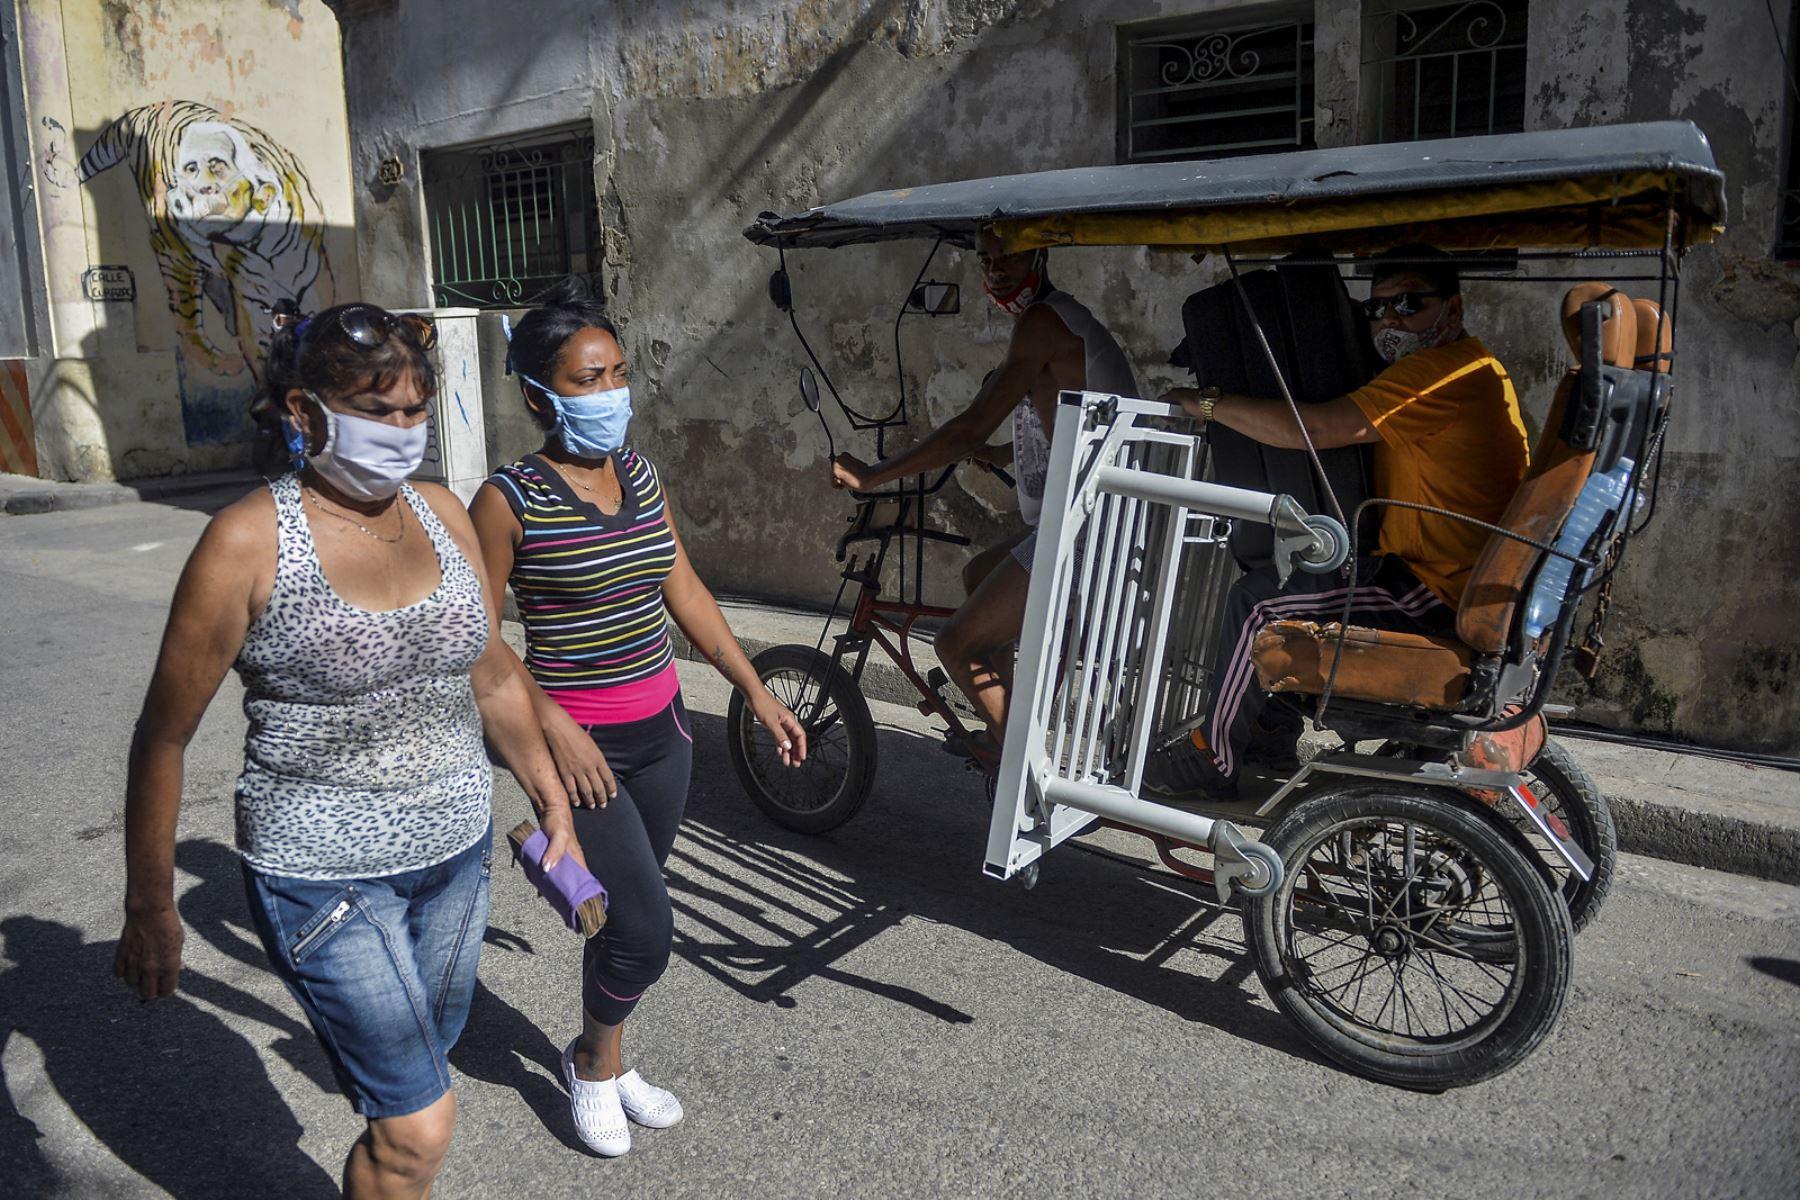 Mujeres con mascarillas caminan por una calle de La Habana, el 6 de abril de 2021, en medio de la pandemia del coronavirus. Foto: EFE